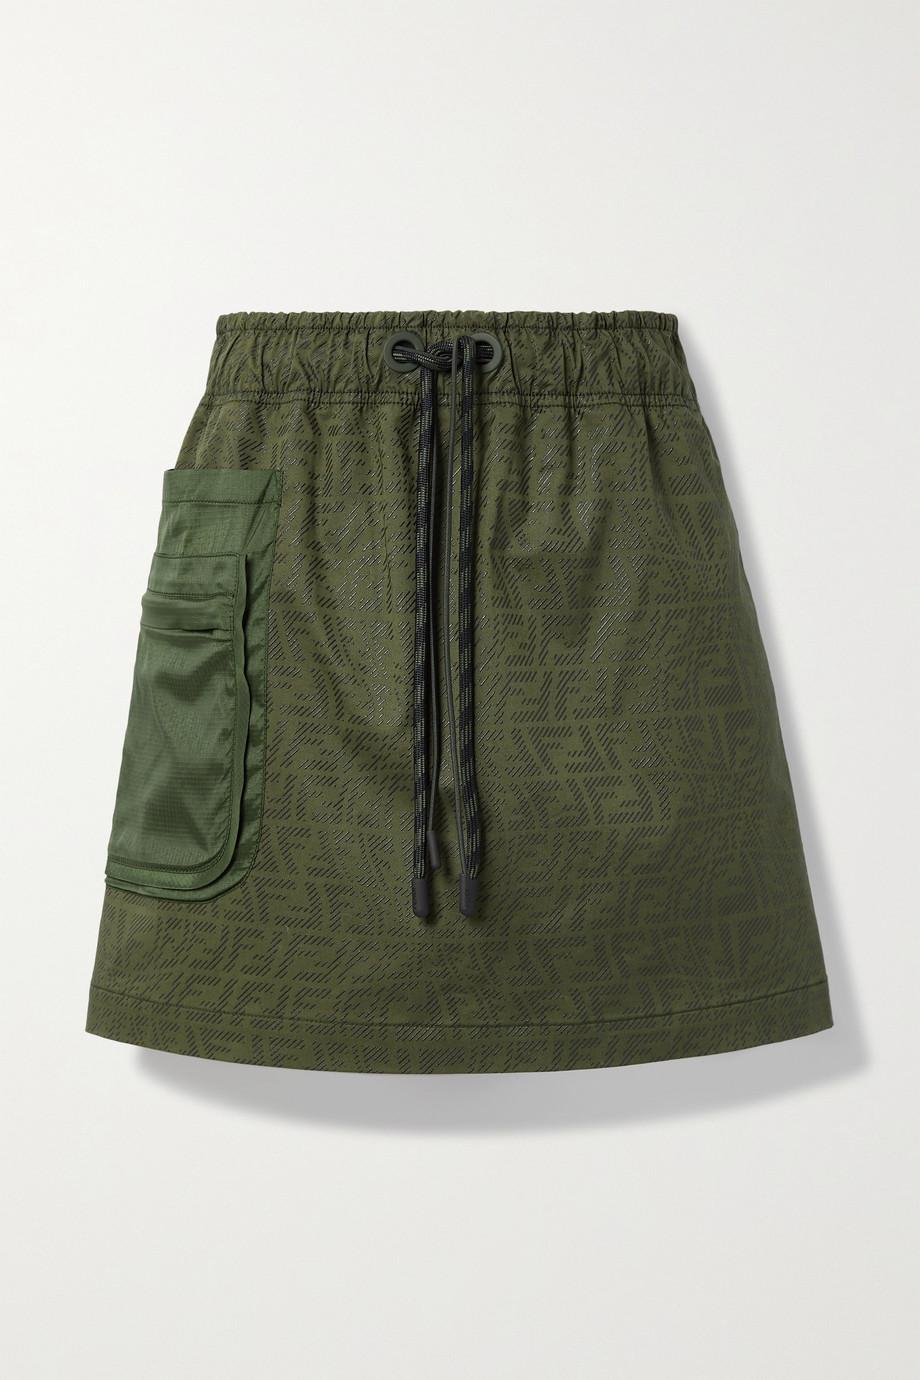 Fendi Mini-jupe en toile de coton mélangé imprimée à finitions en ripstop